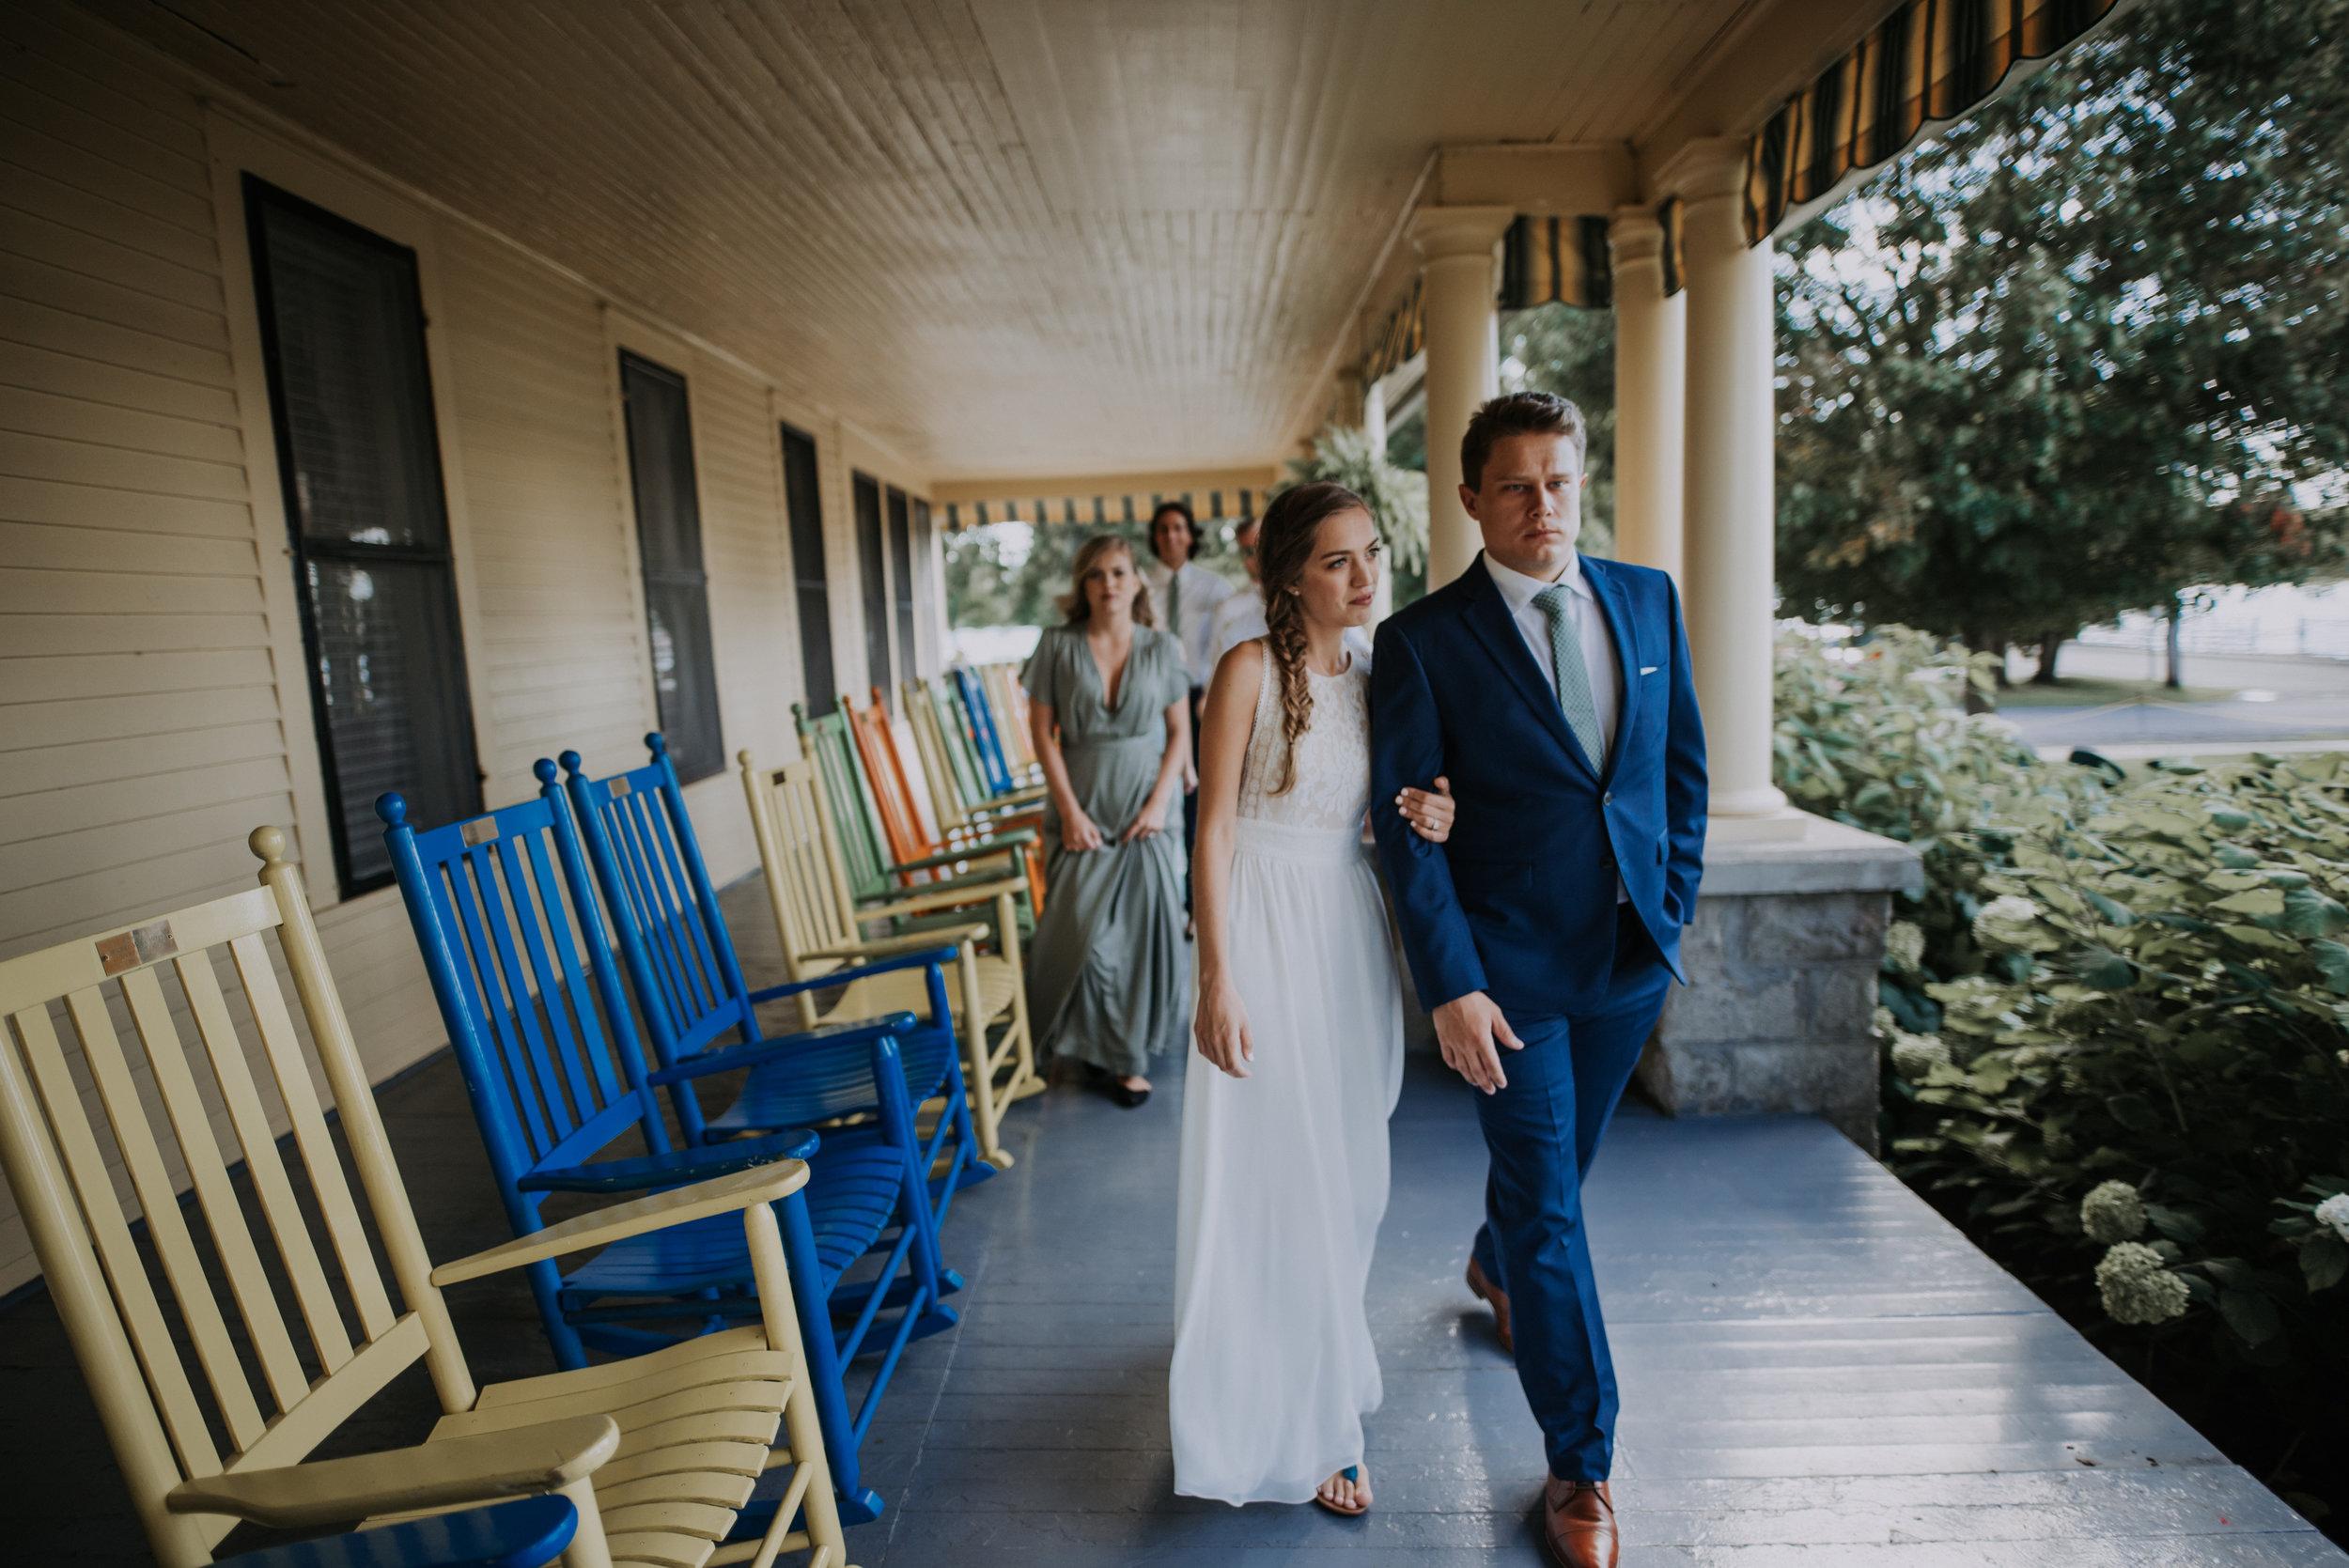 Anomaly Photography Design Buffalo Ny Wedding Photographer